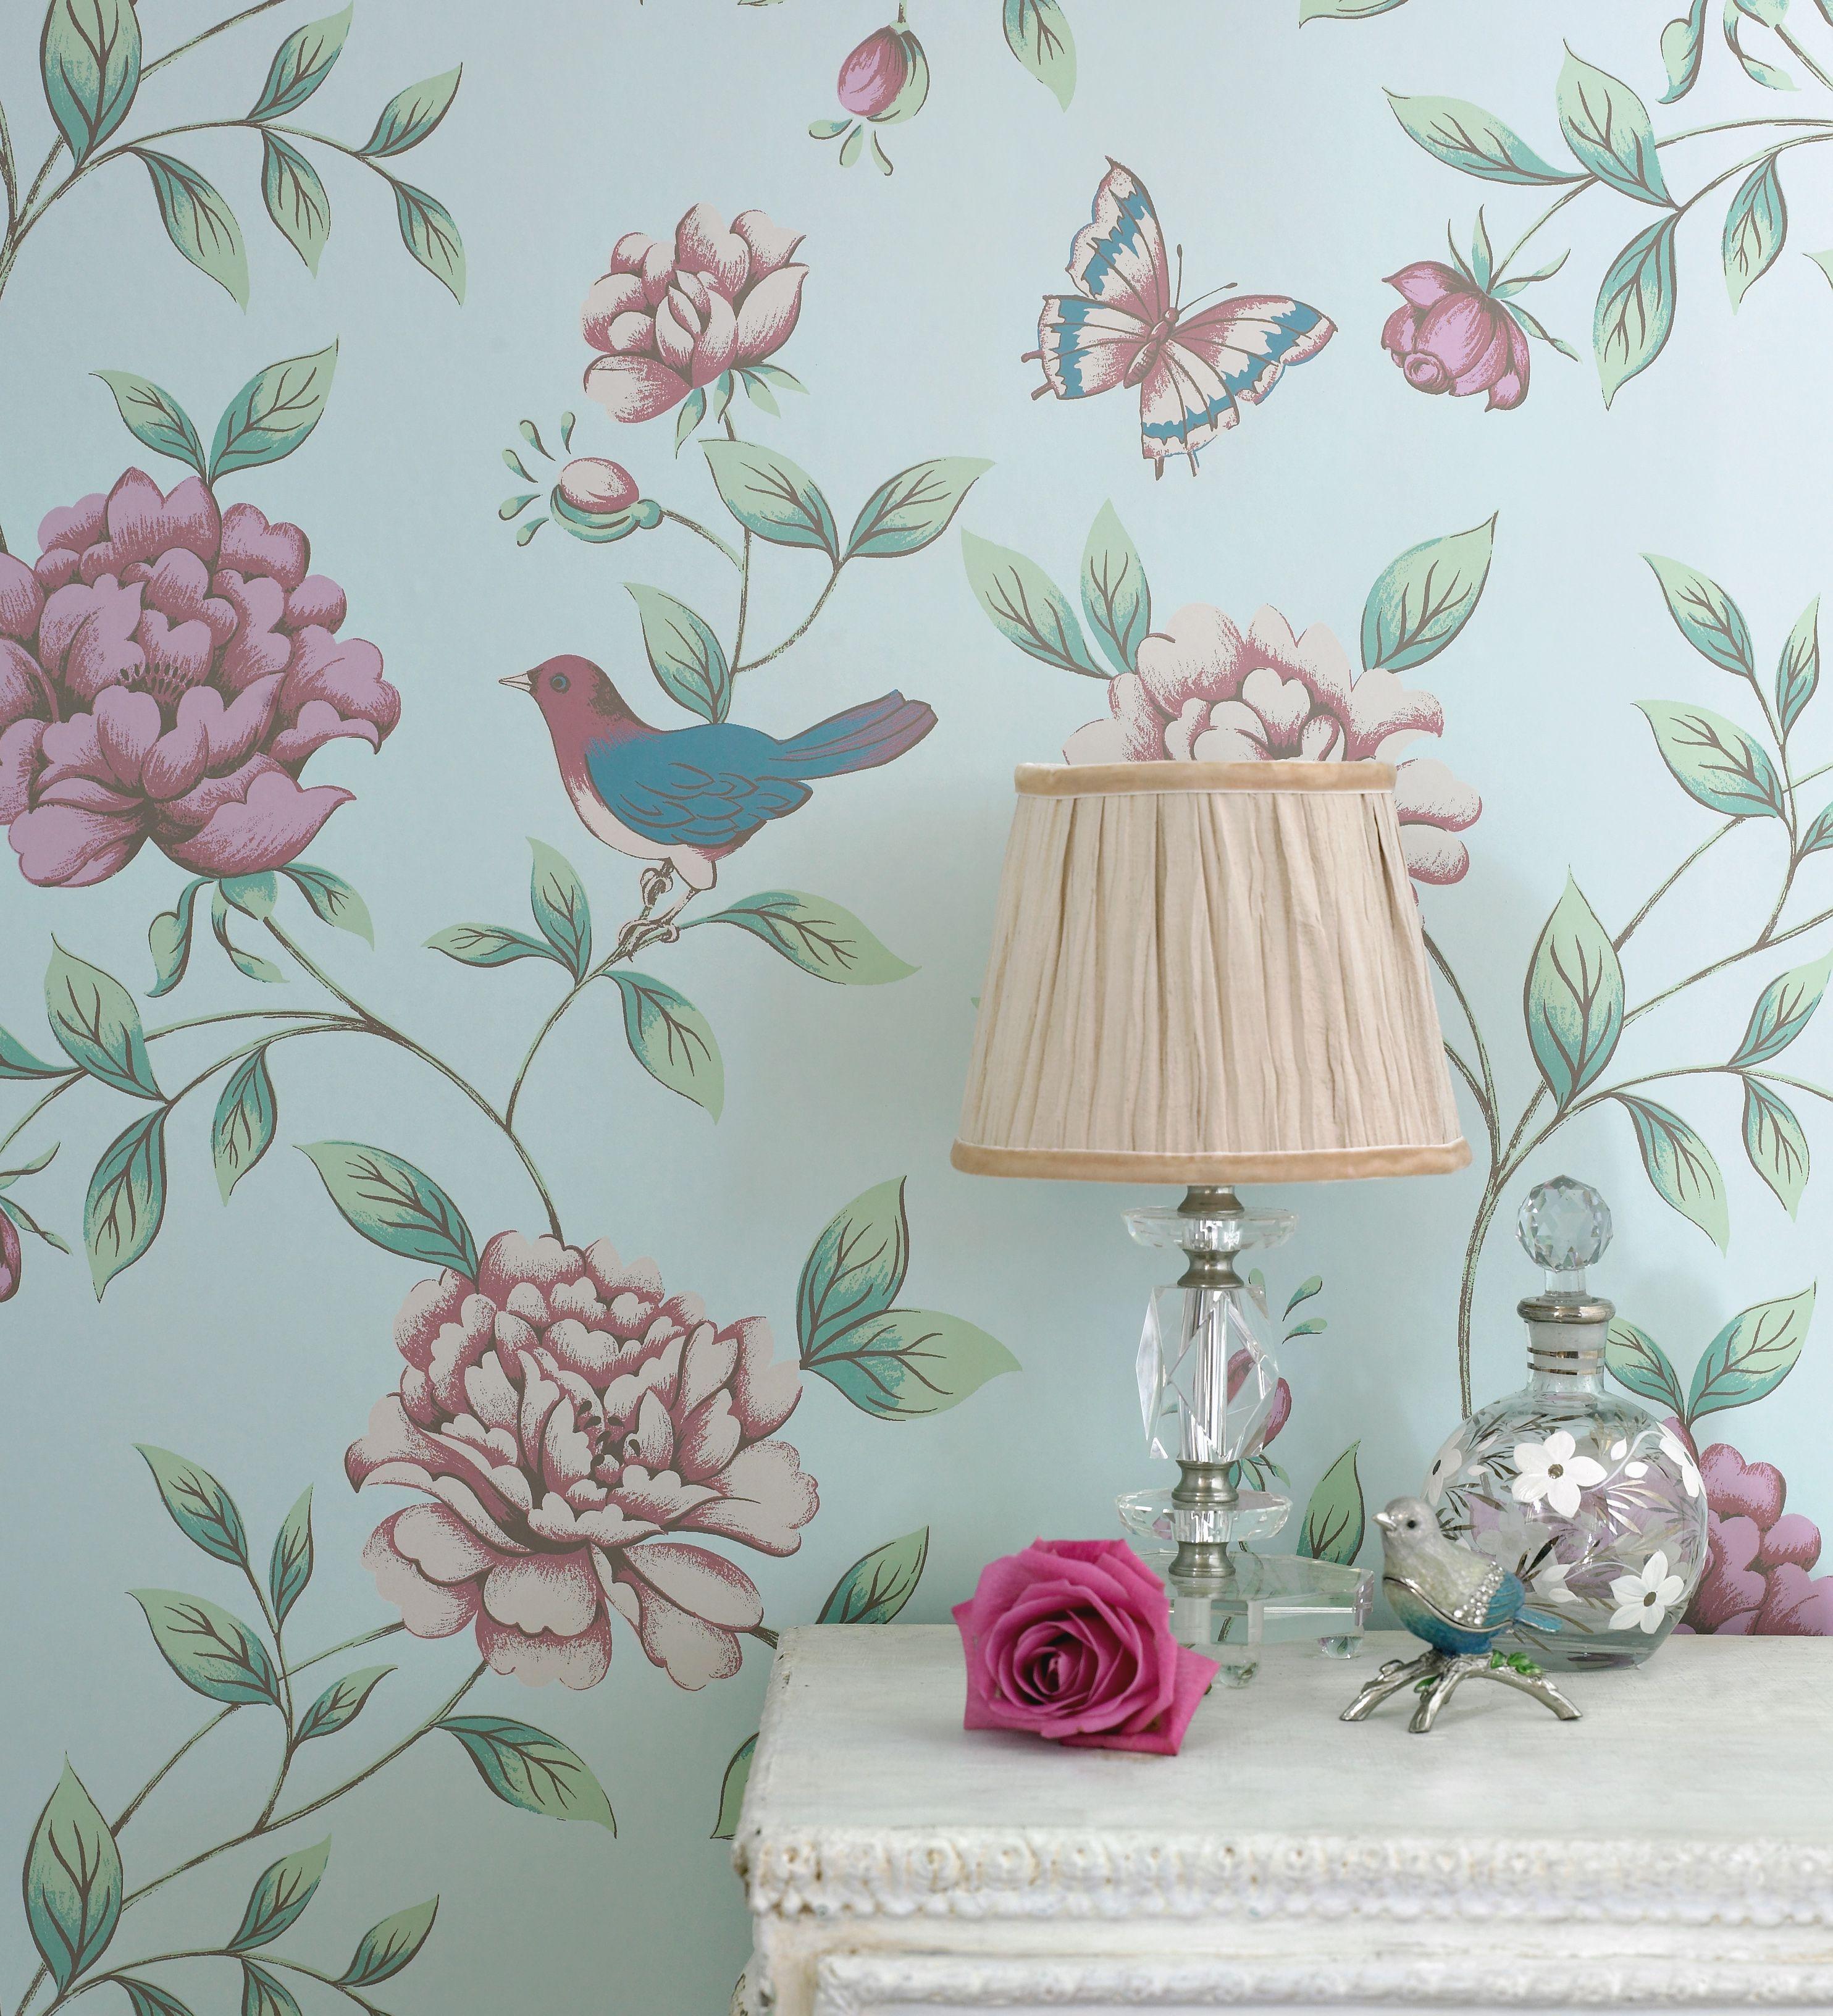 Behang monsoon van graham brown vogels romantisch rozen idee n voor het huis pinterest - Behang voor trappenhuis ...